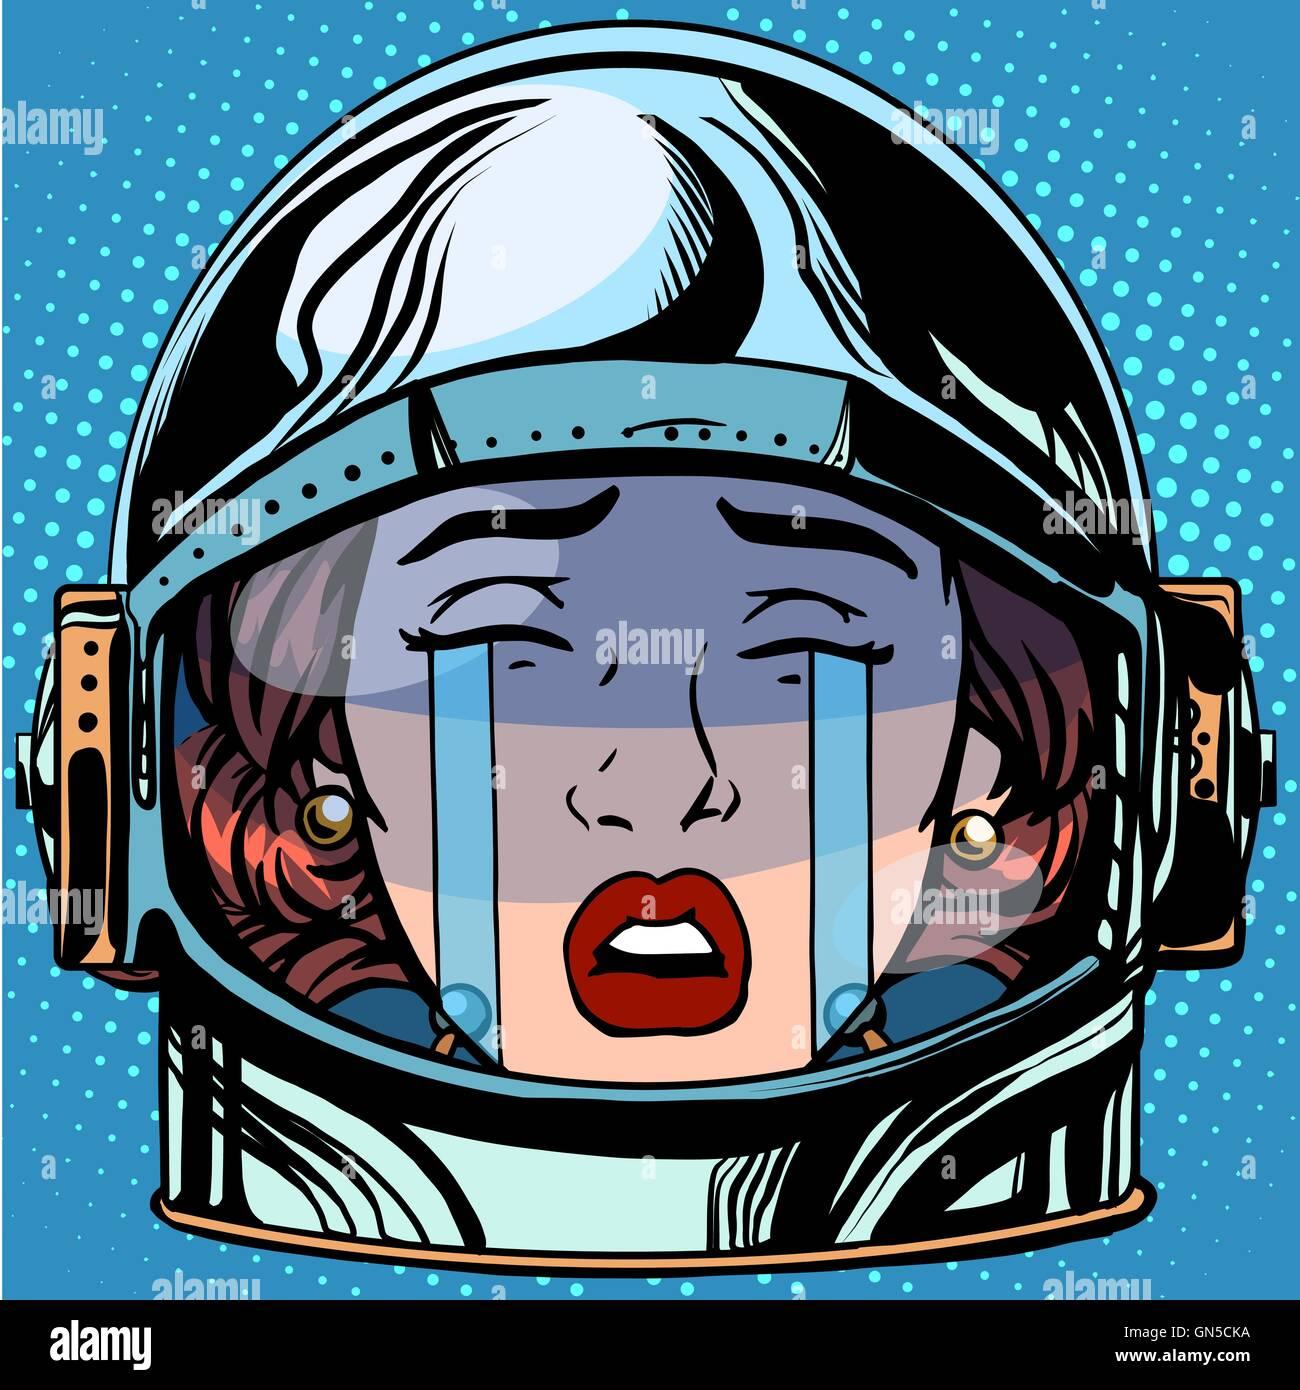 emoticon cry Emoji face woman astronaut retro Stock Vector